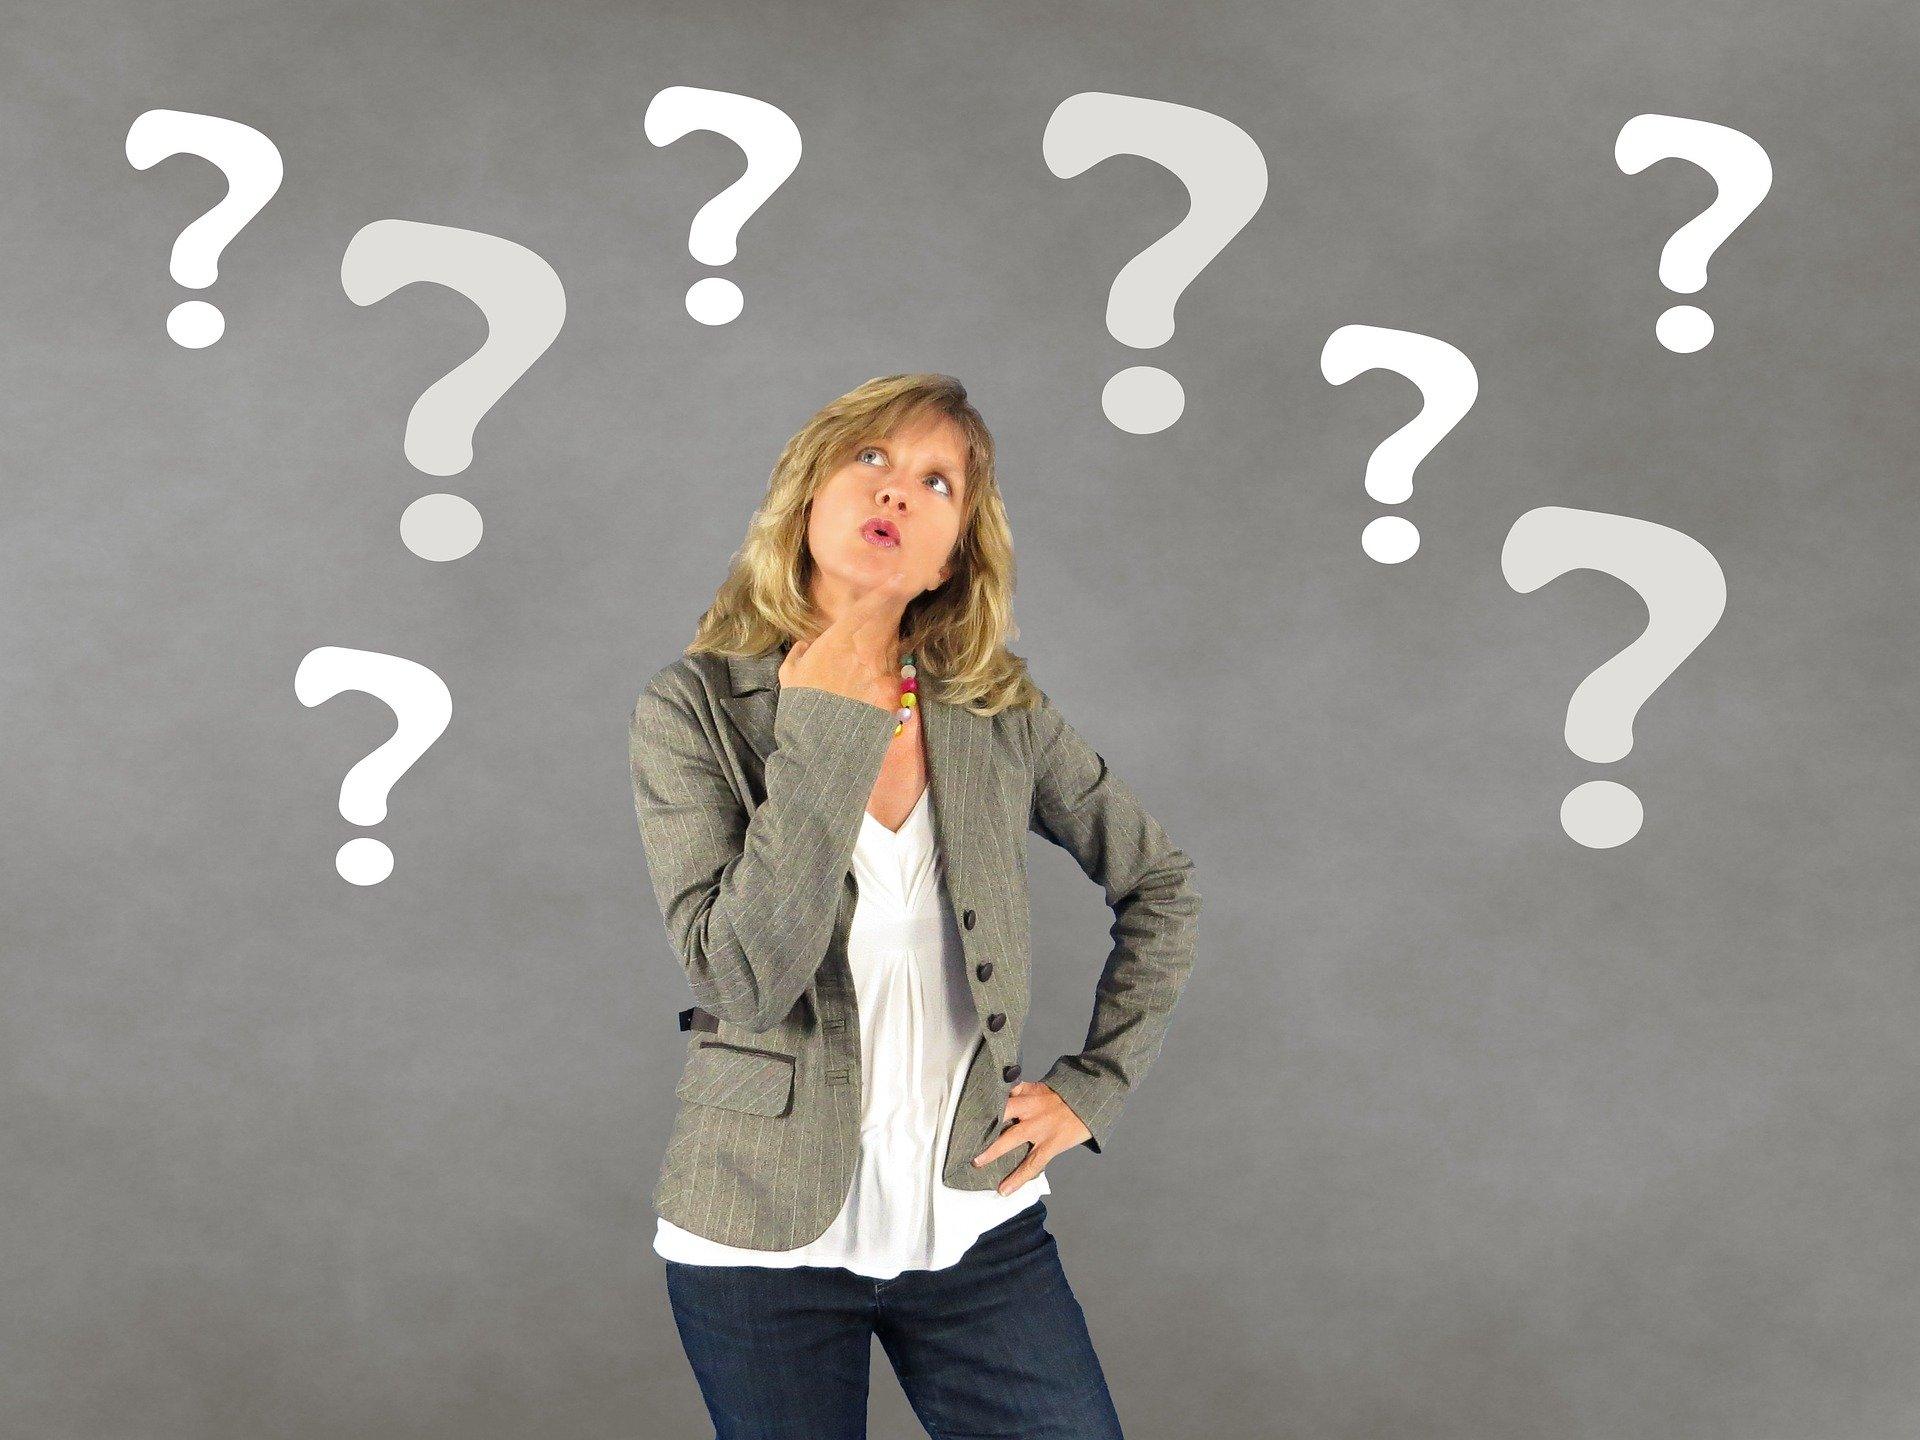 Callboy buchen – Frau betrachtet Fragezeichen vor grauem Hintergrund